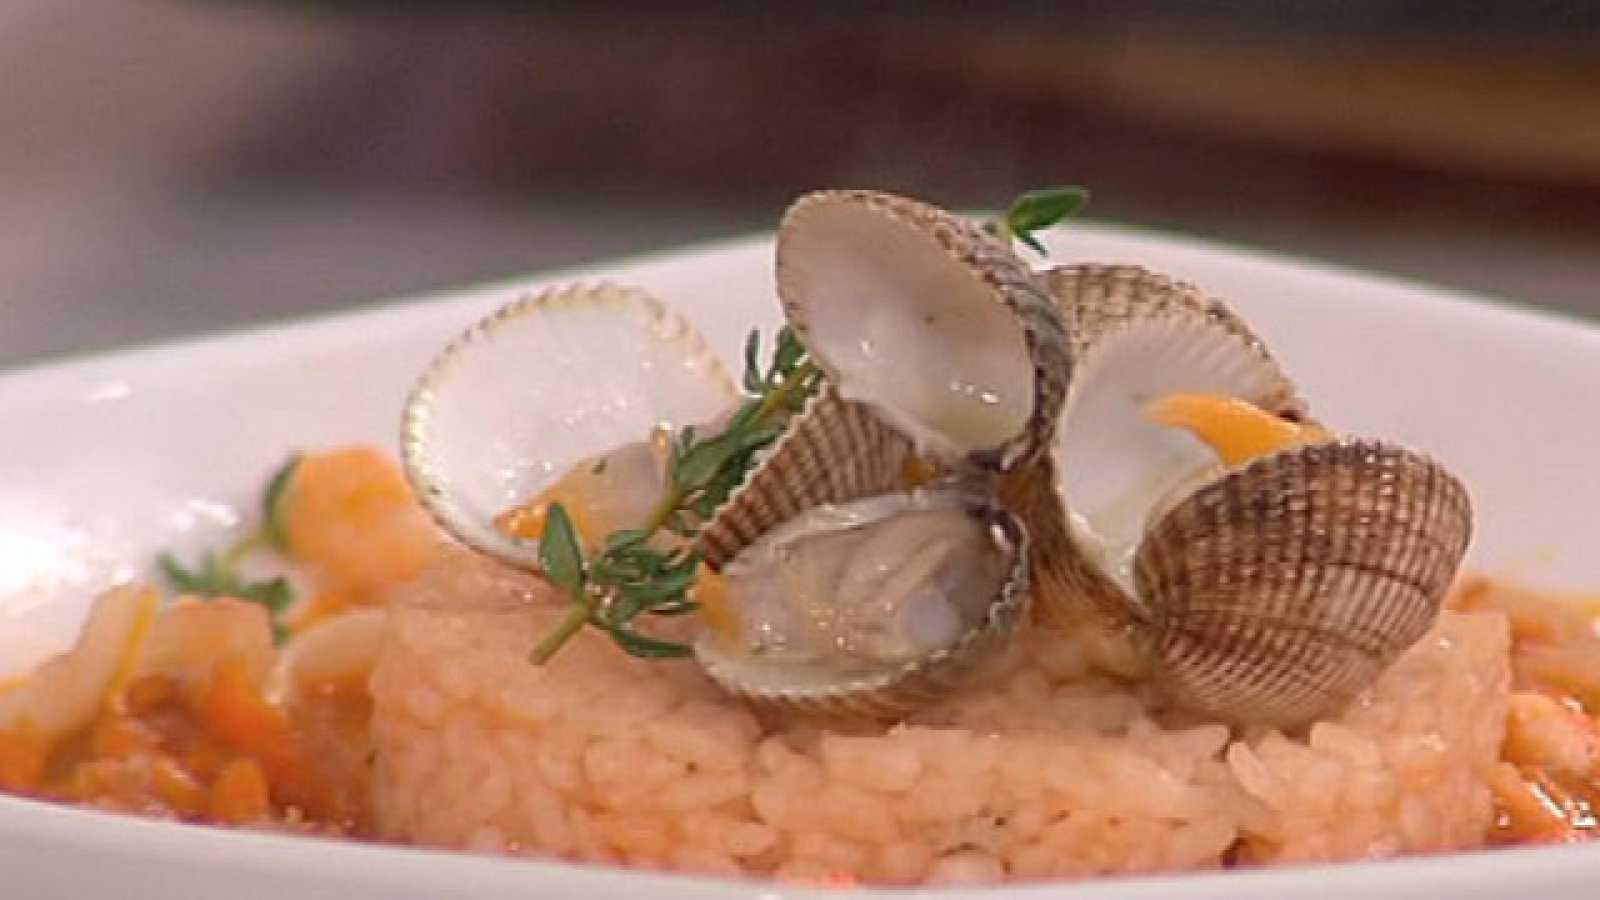 Saber Cocinar - Sopa de marisco con arroz al ajillo (13/10/2011)